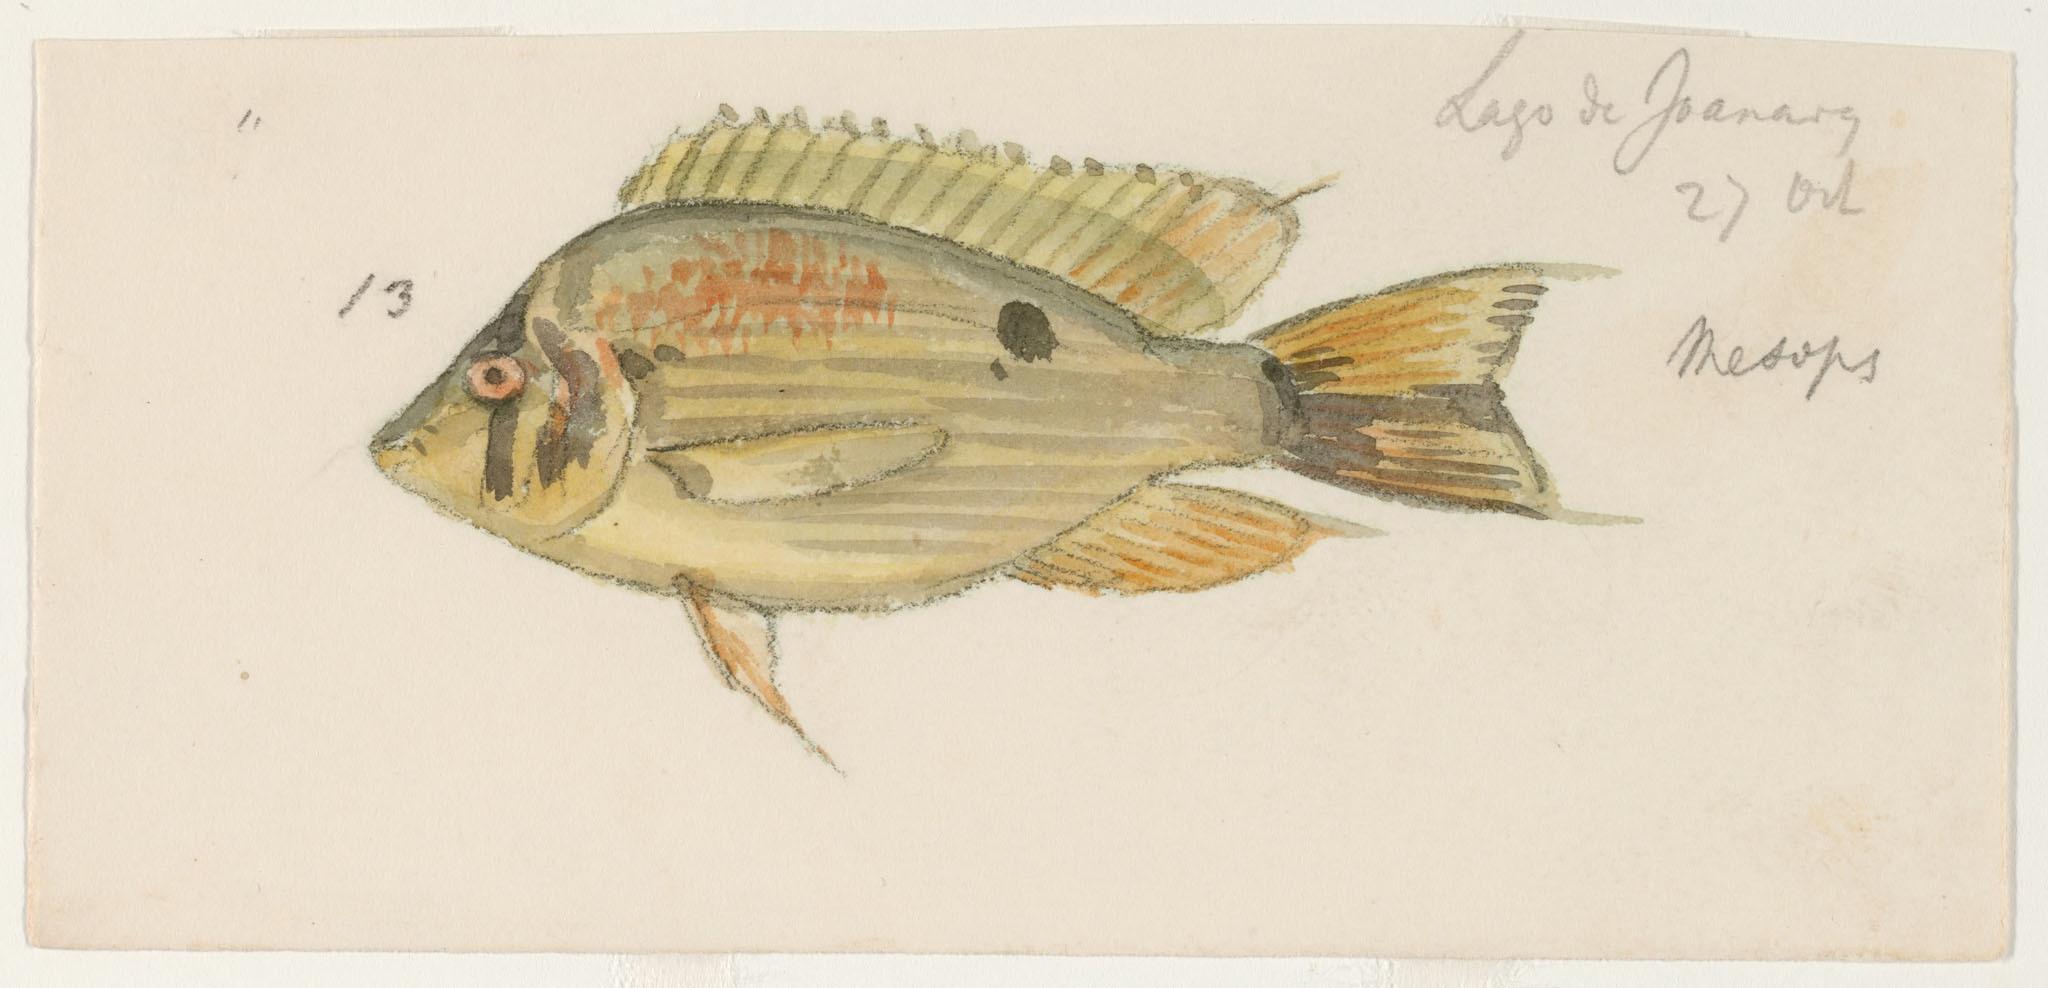 Image of Cupid cichlid